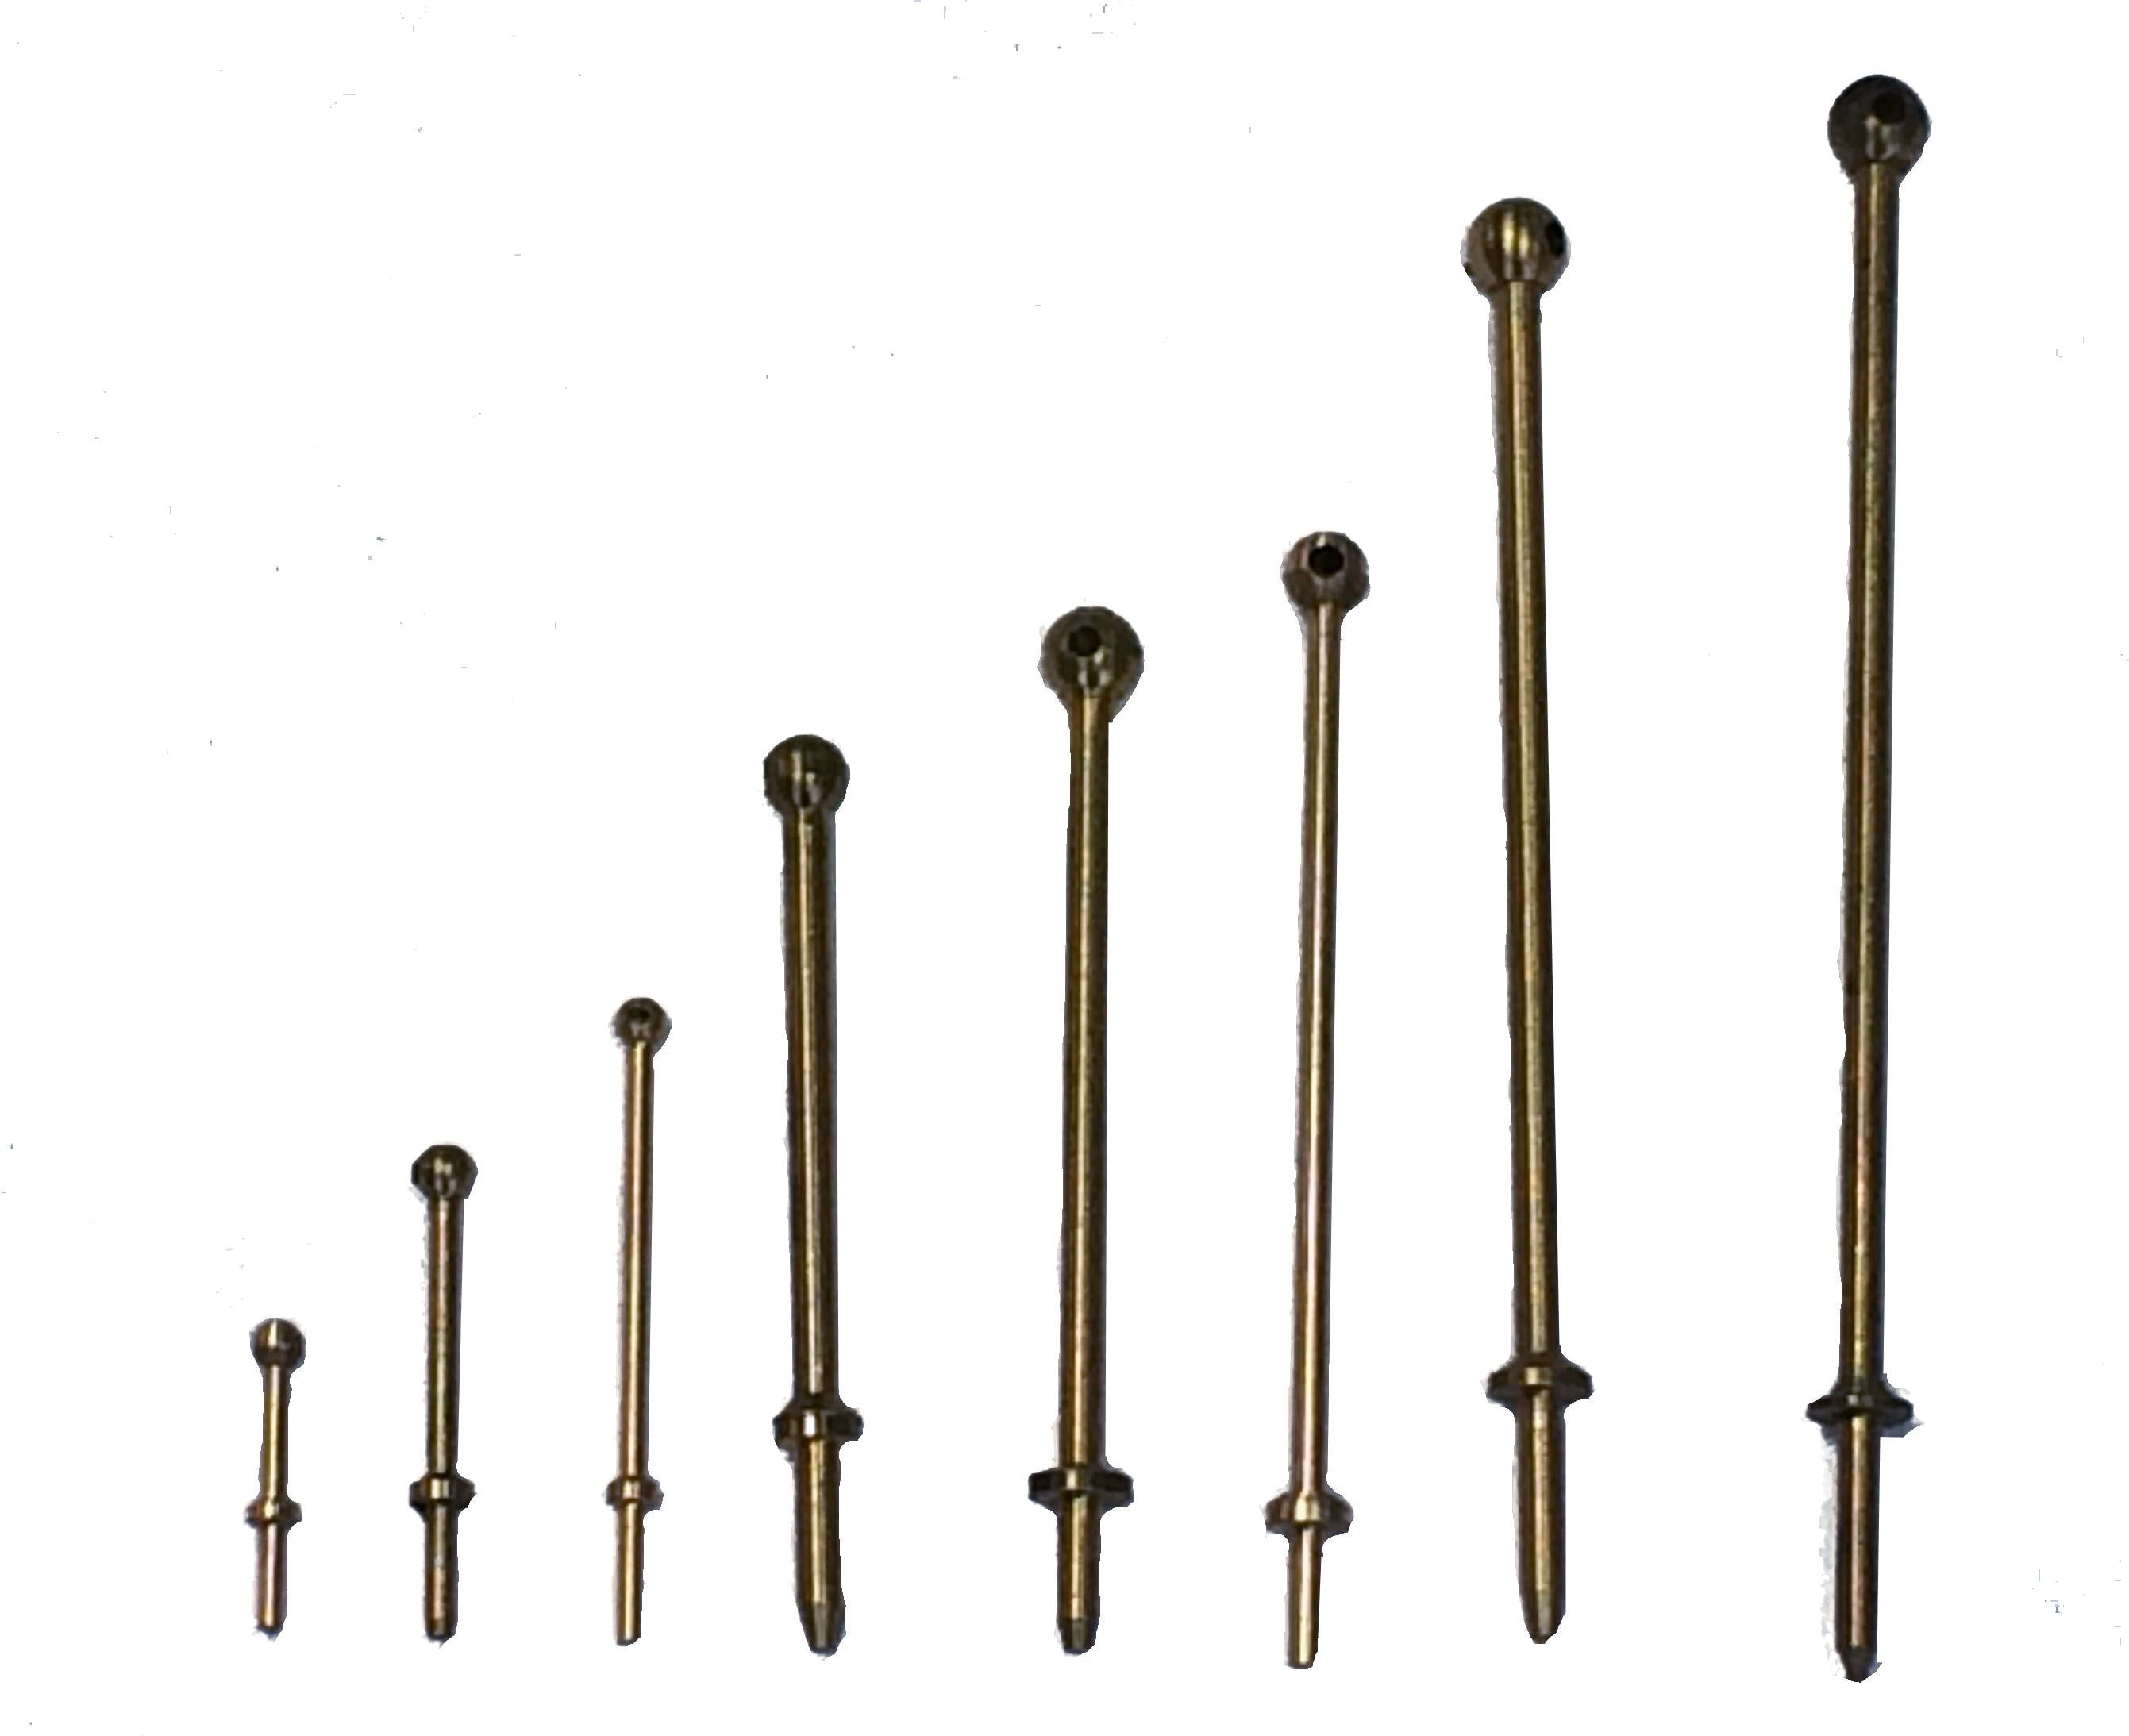 Caldercraft 1 Hole Brass Stanchions